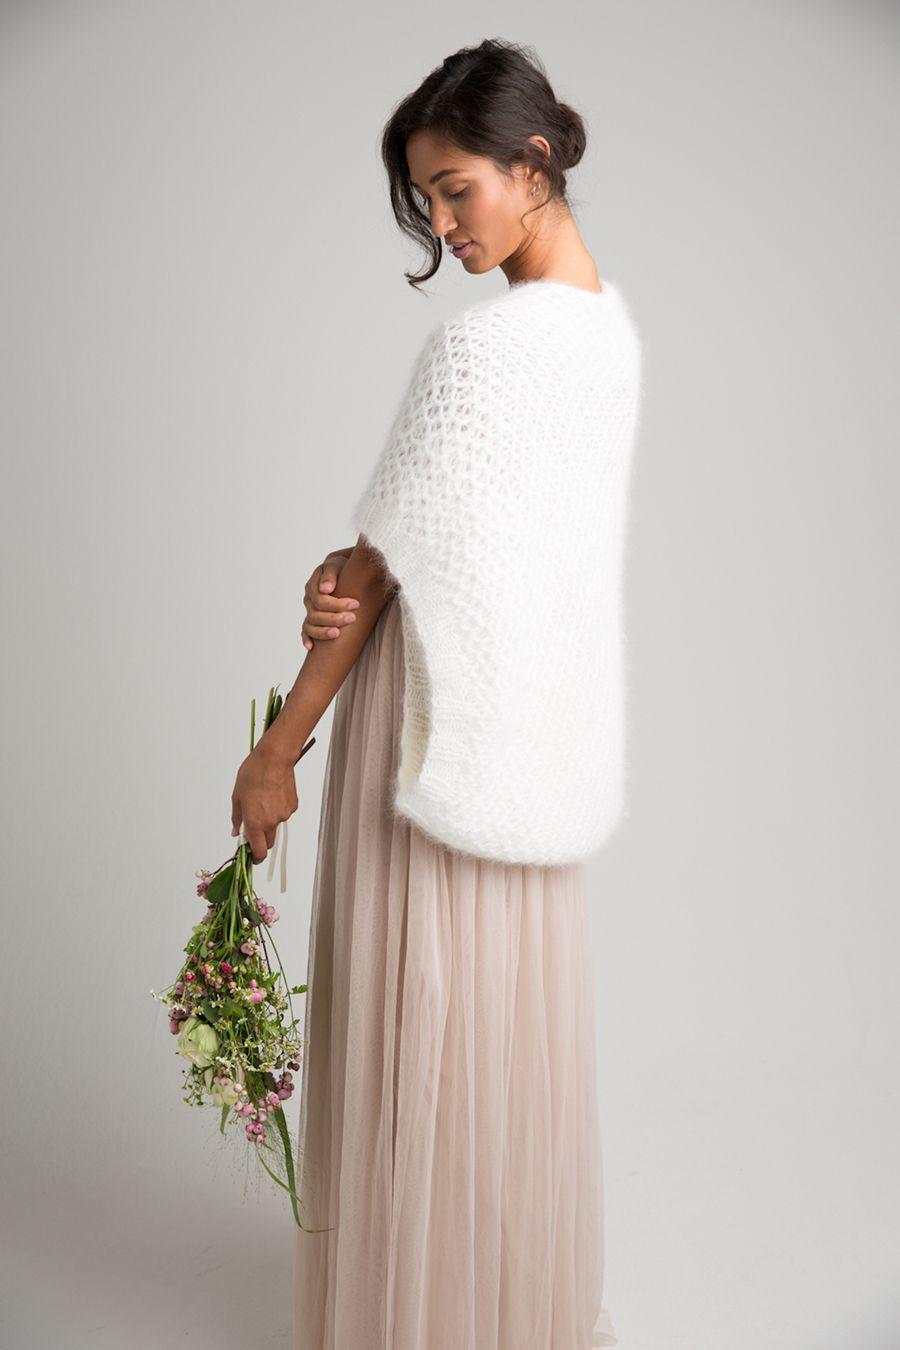 Marryandbride – Strickjacken für die Braut   Die braut, Strickjacke ...